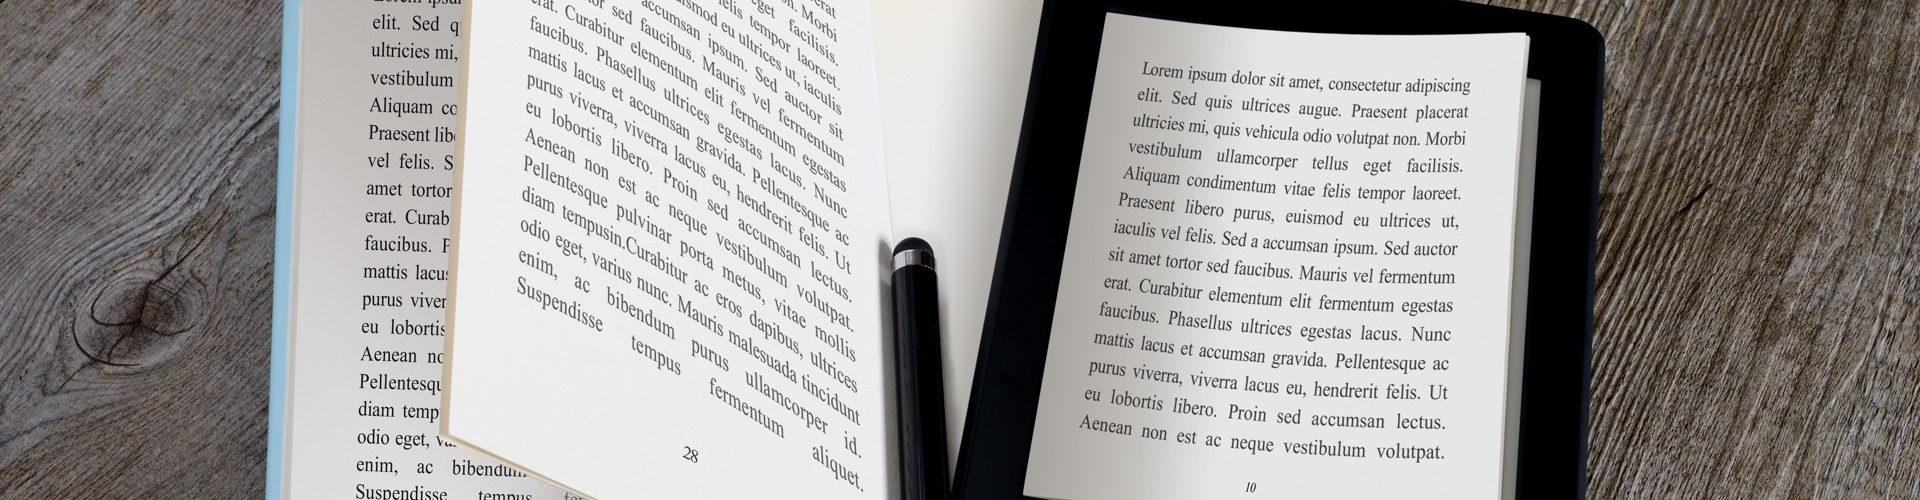 Шаблон электронной книги